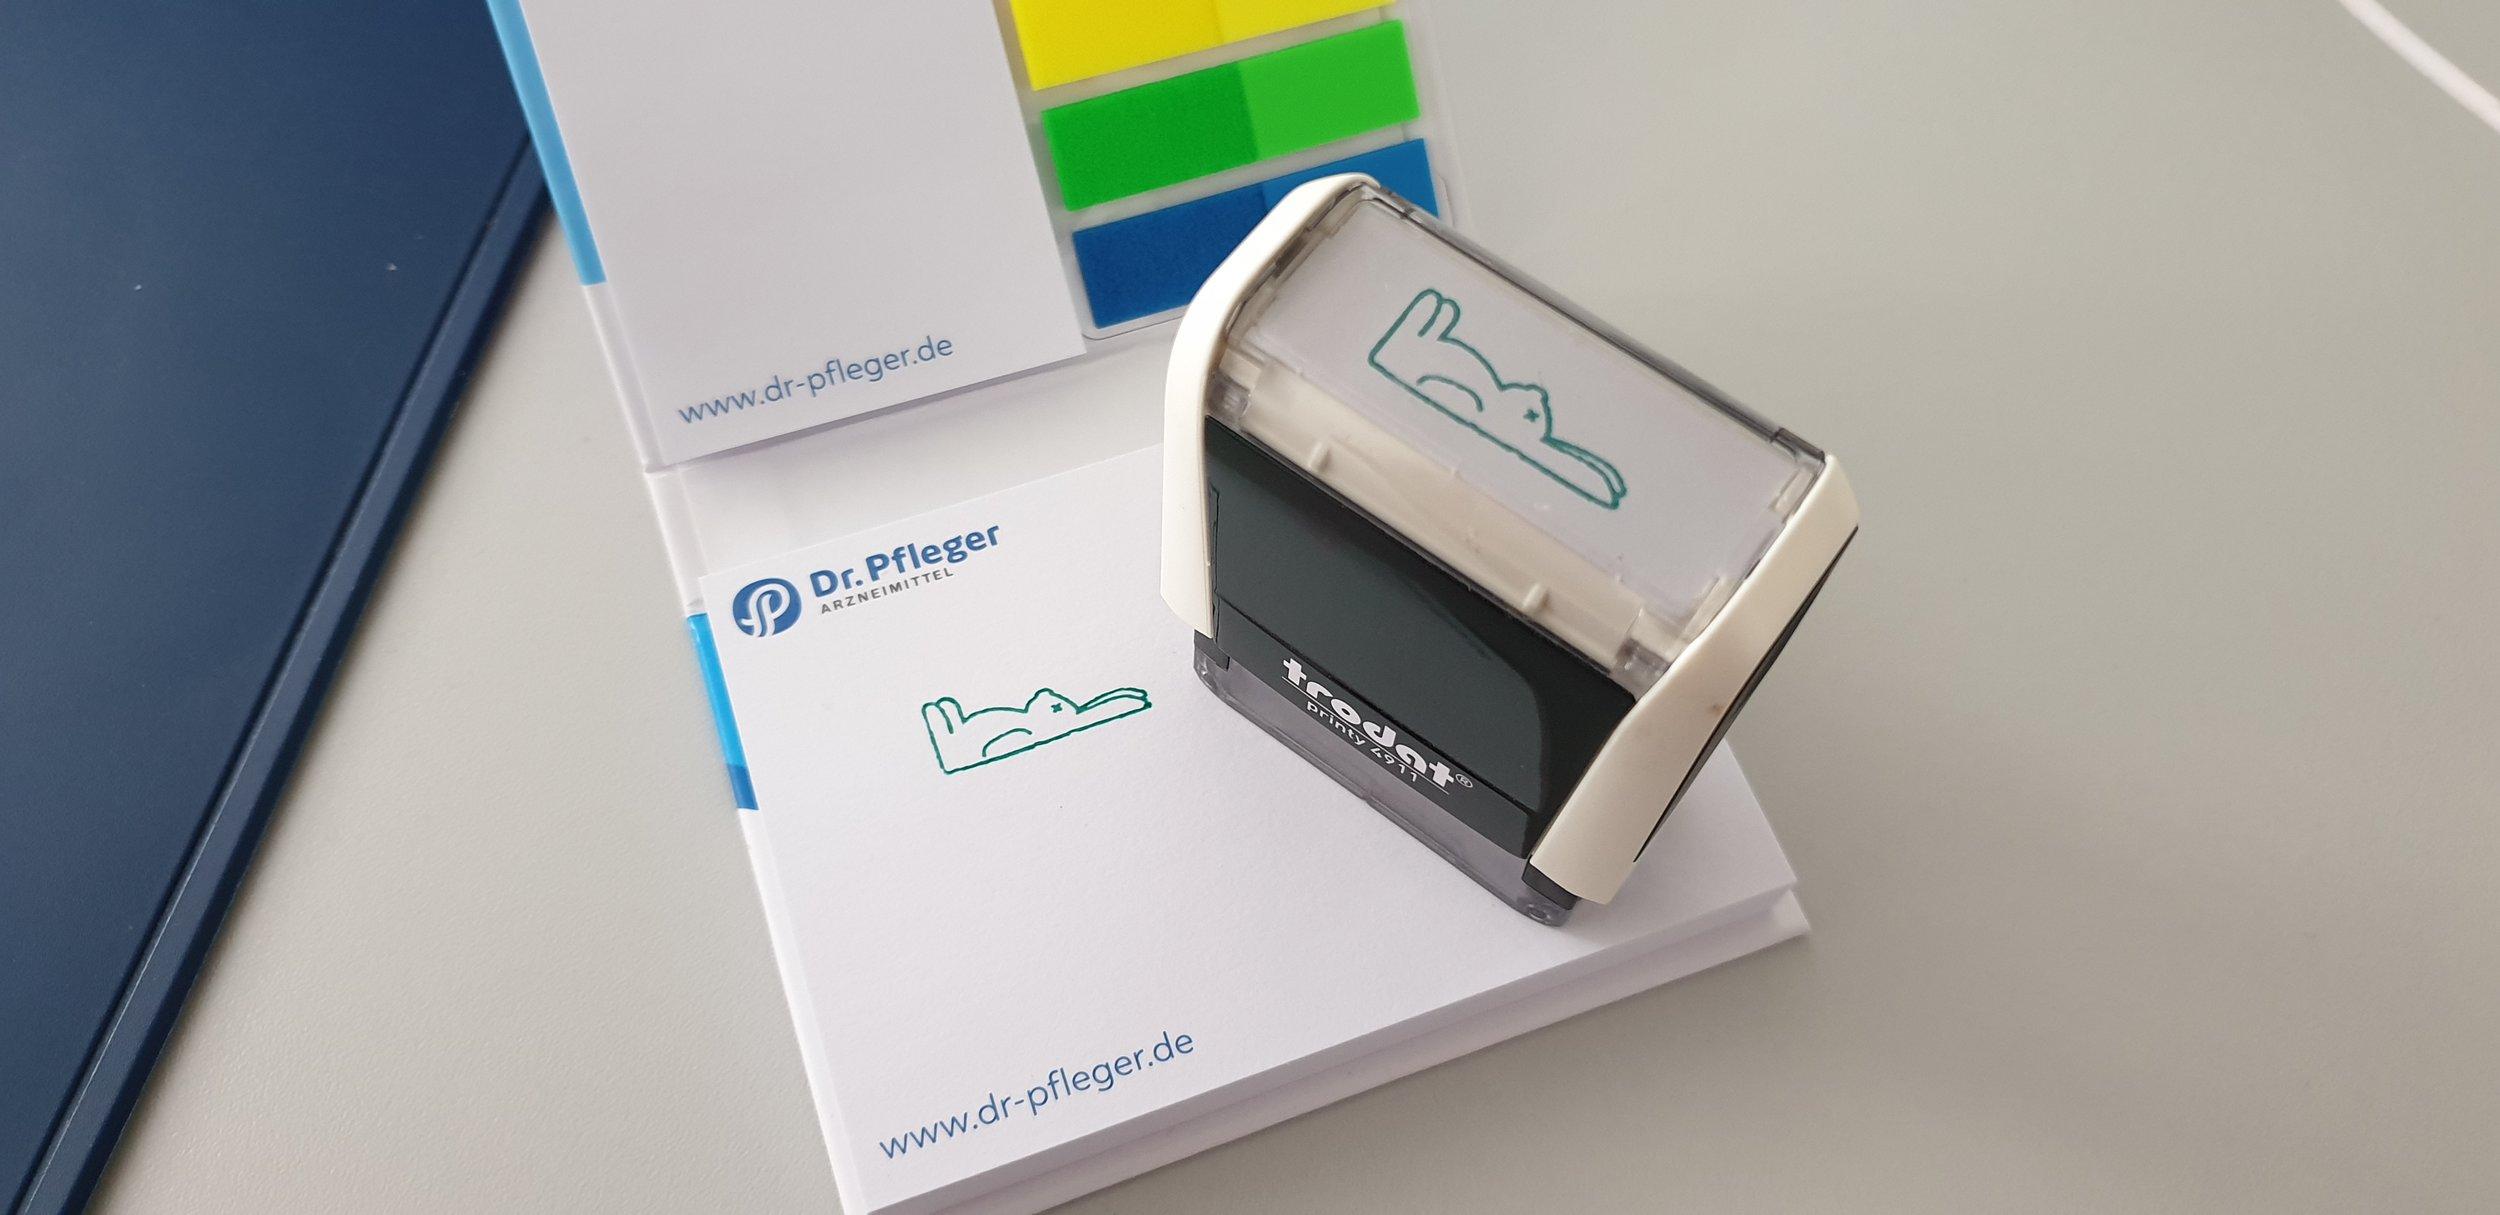 Dr. Pfleger Arzneimittel's custom stamp